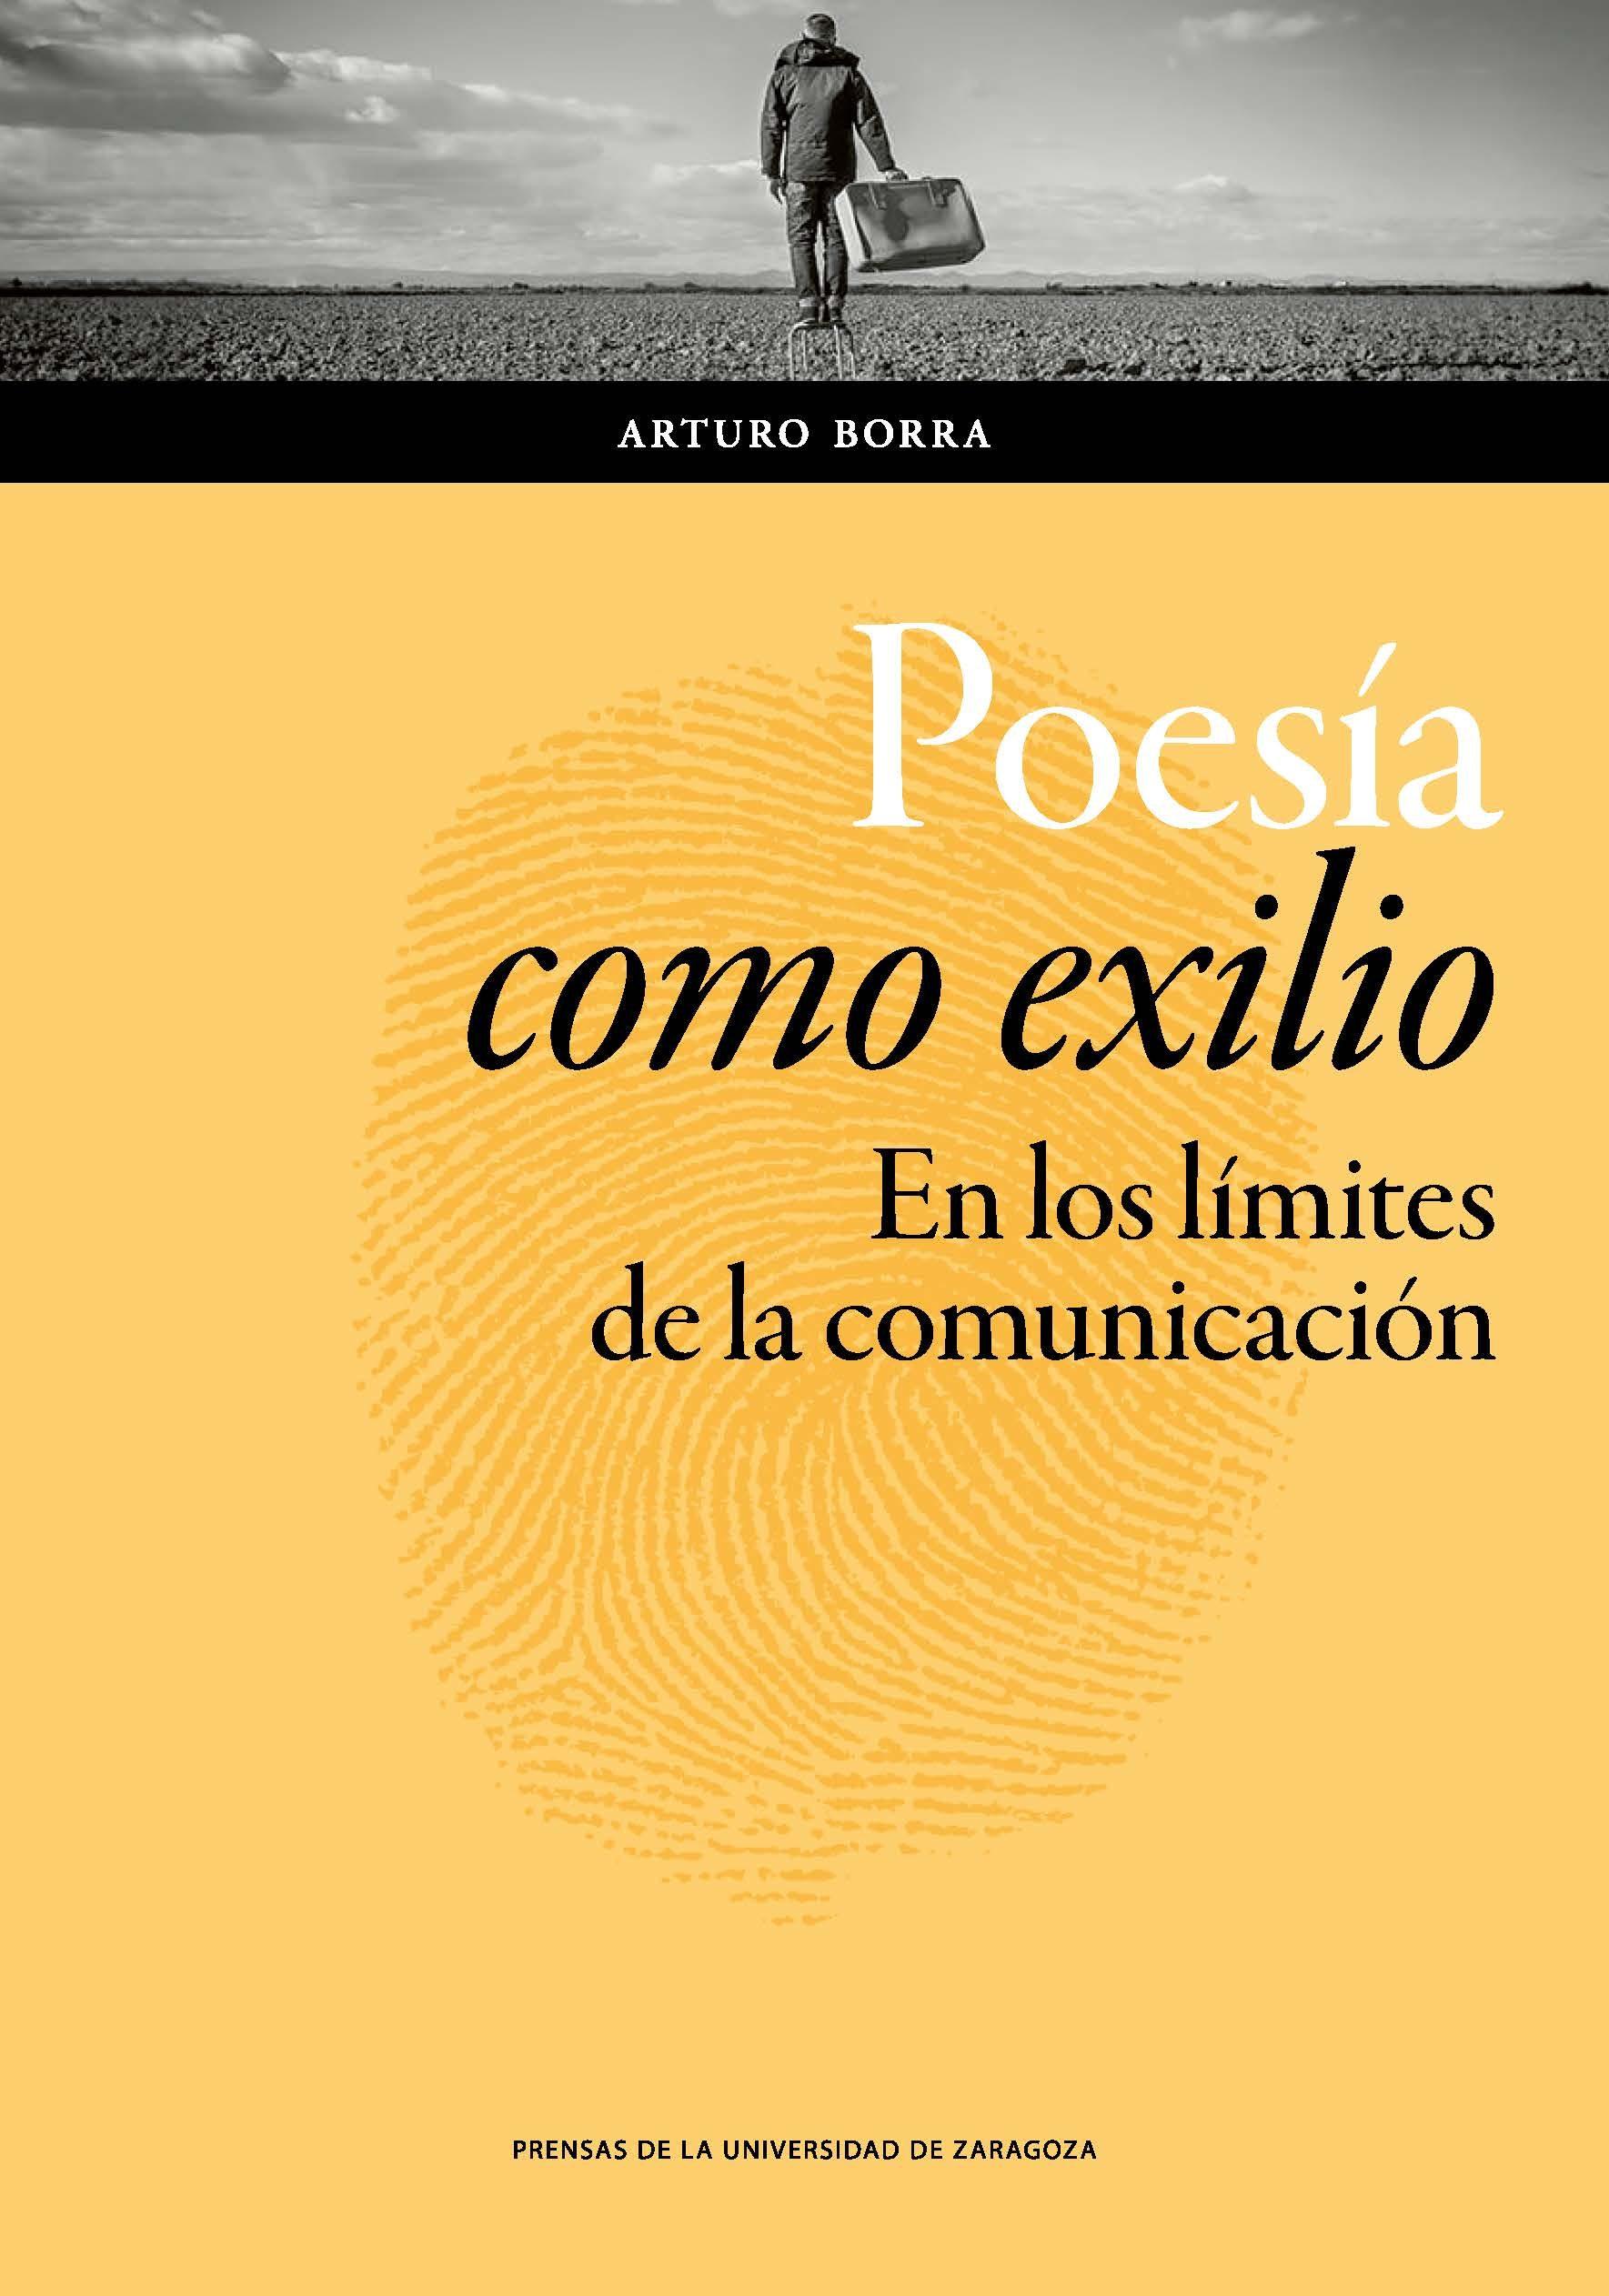 """Arturo Borra: """"Poesía como exilio. En los límites de la comunicación"""""""